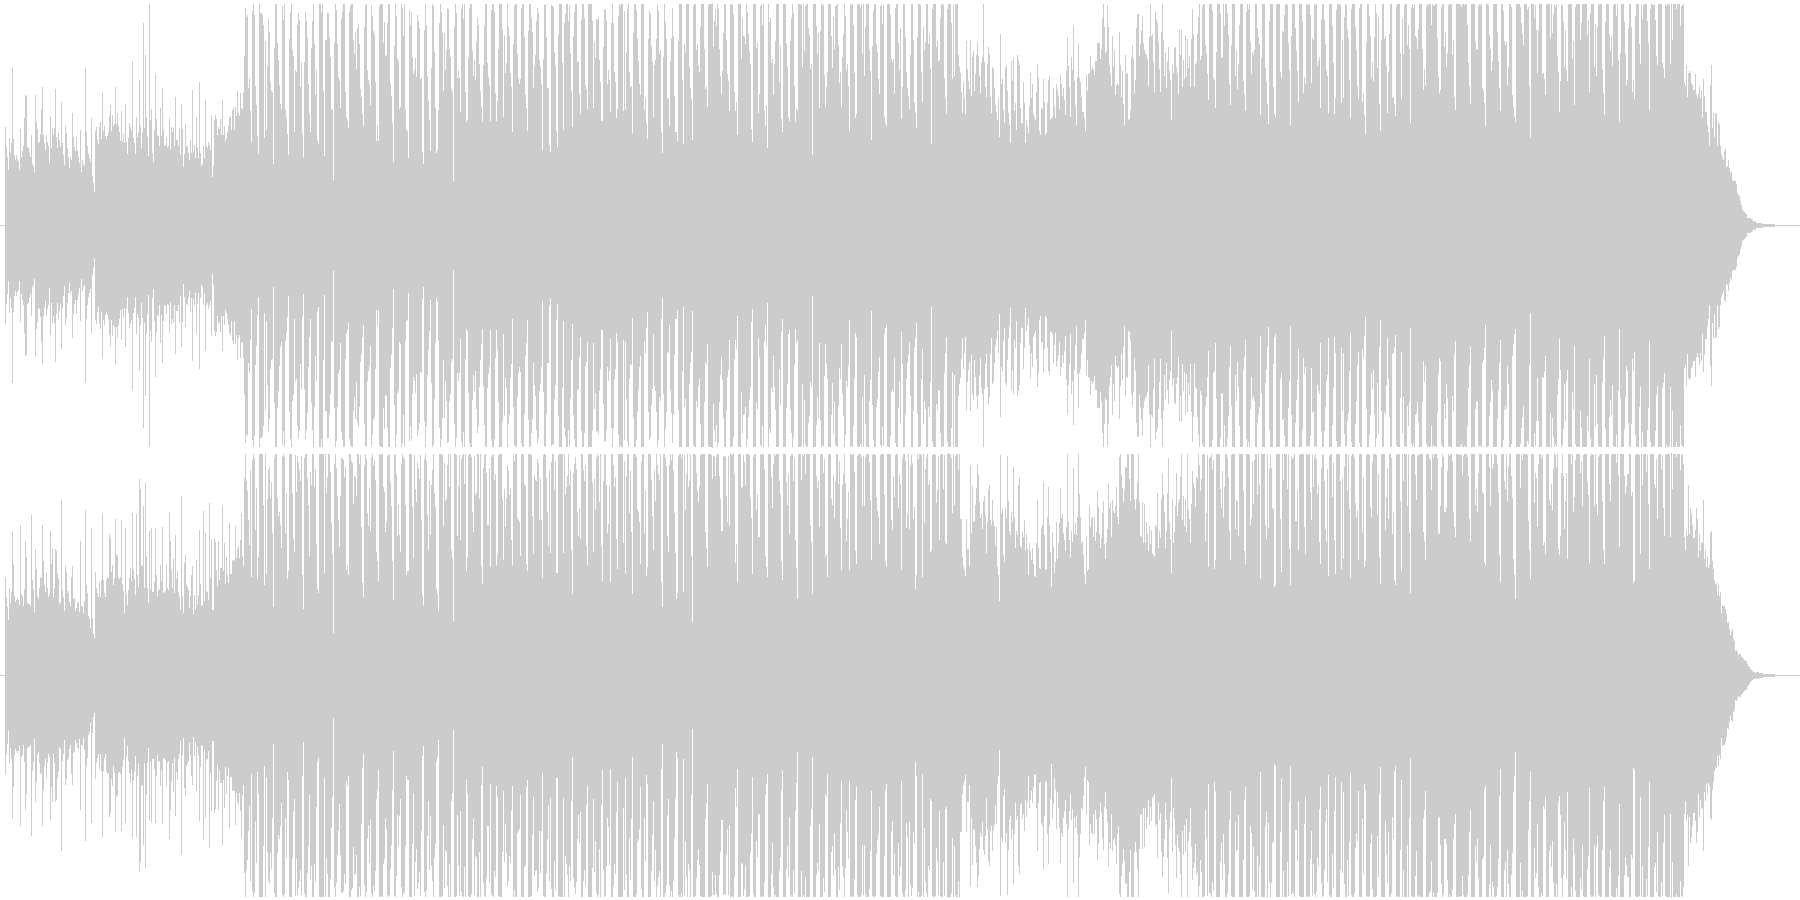 トロピカルでナチュラルなハウスの未再生の波形